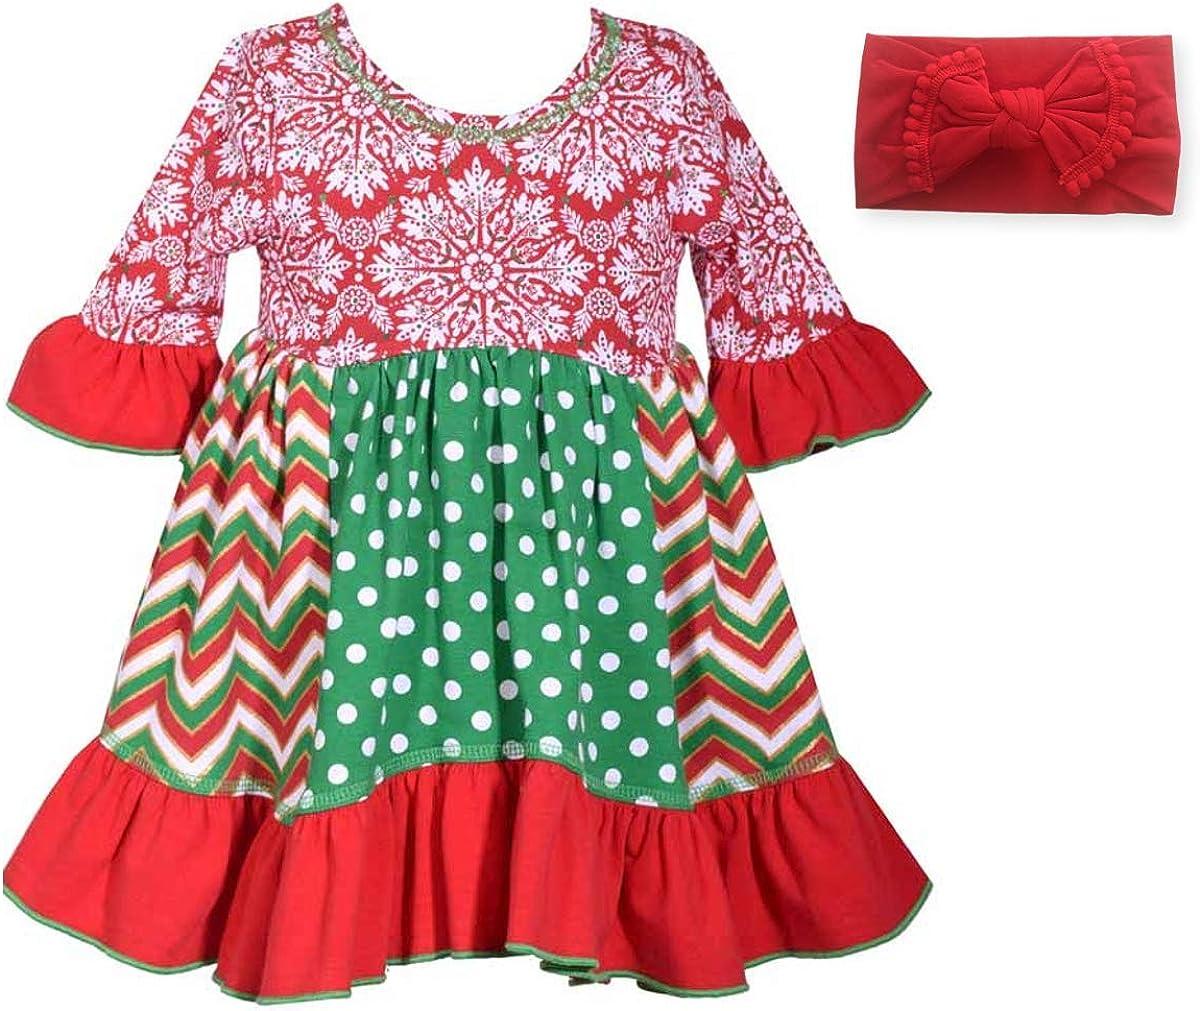 Handmade Reborn doll clothes//white dress w//plaid trims//hair bow